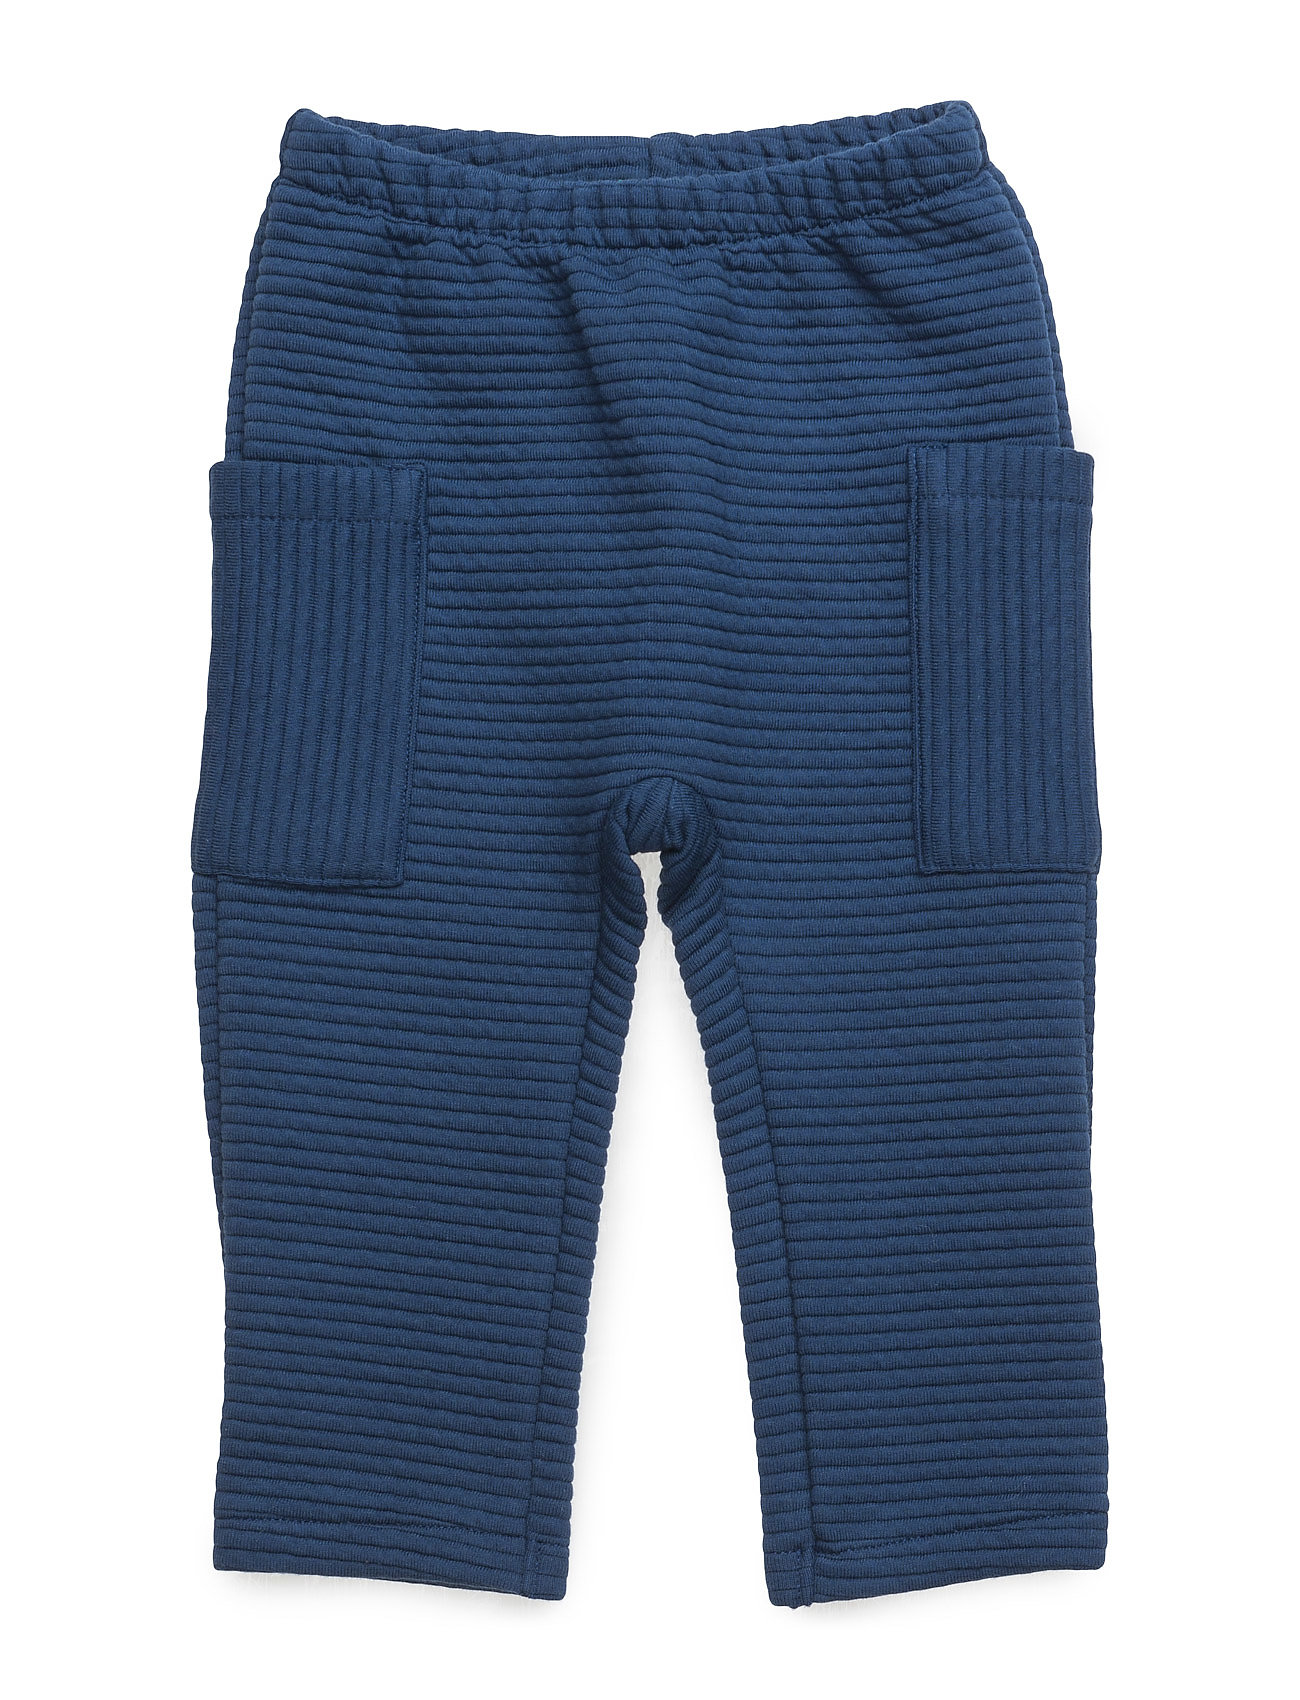 Trousers United Colors of Benetton Bukser til Børn i